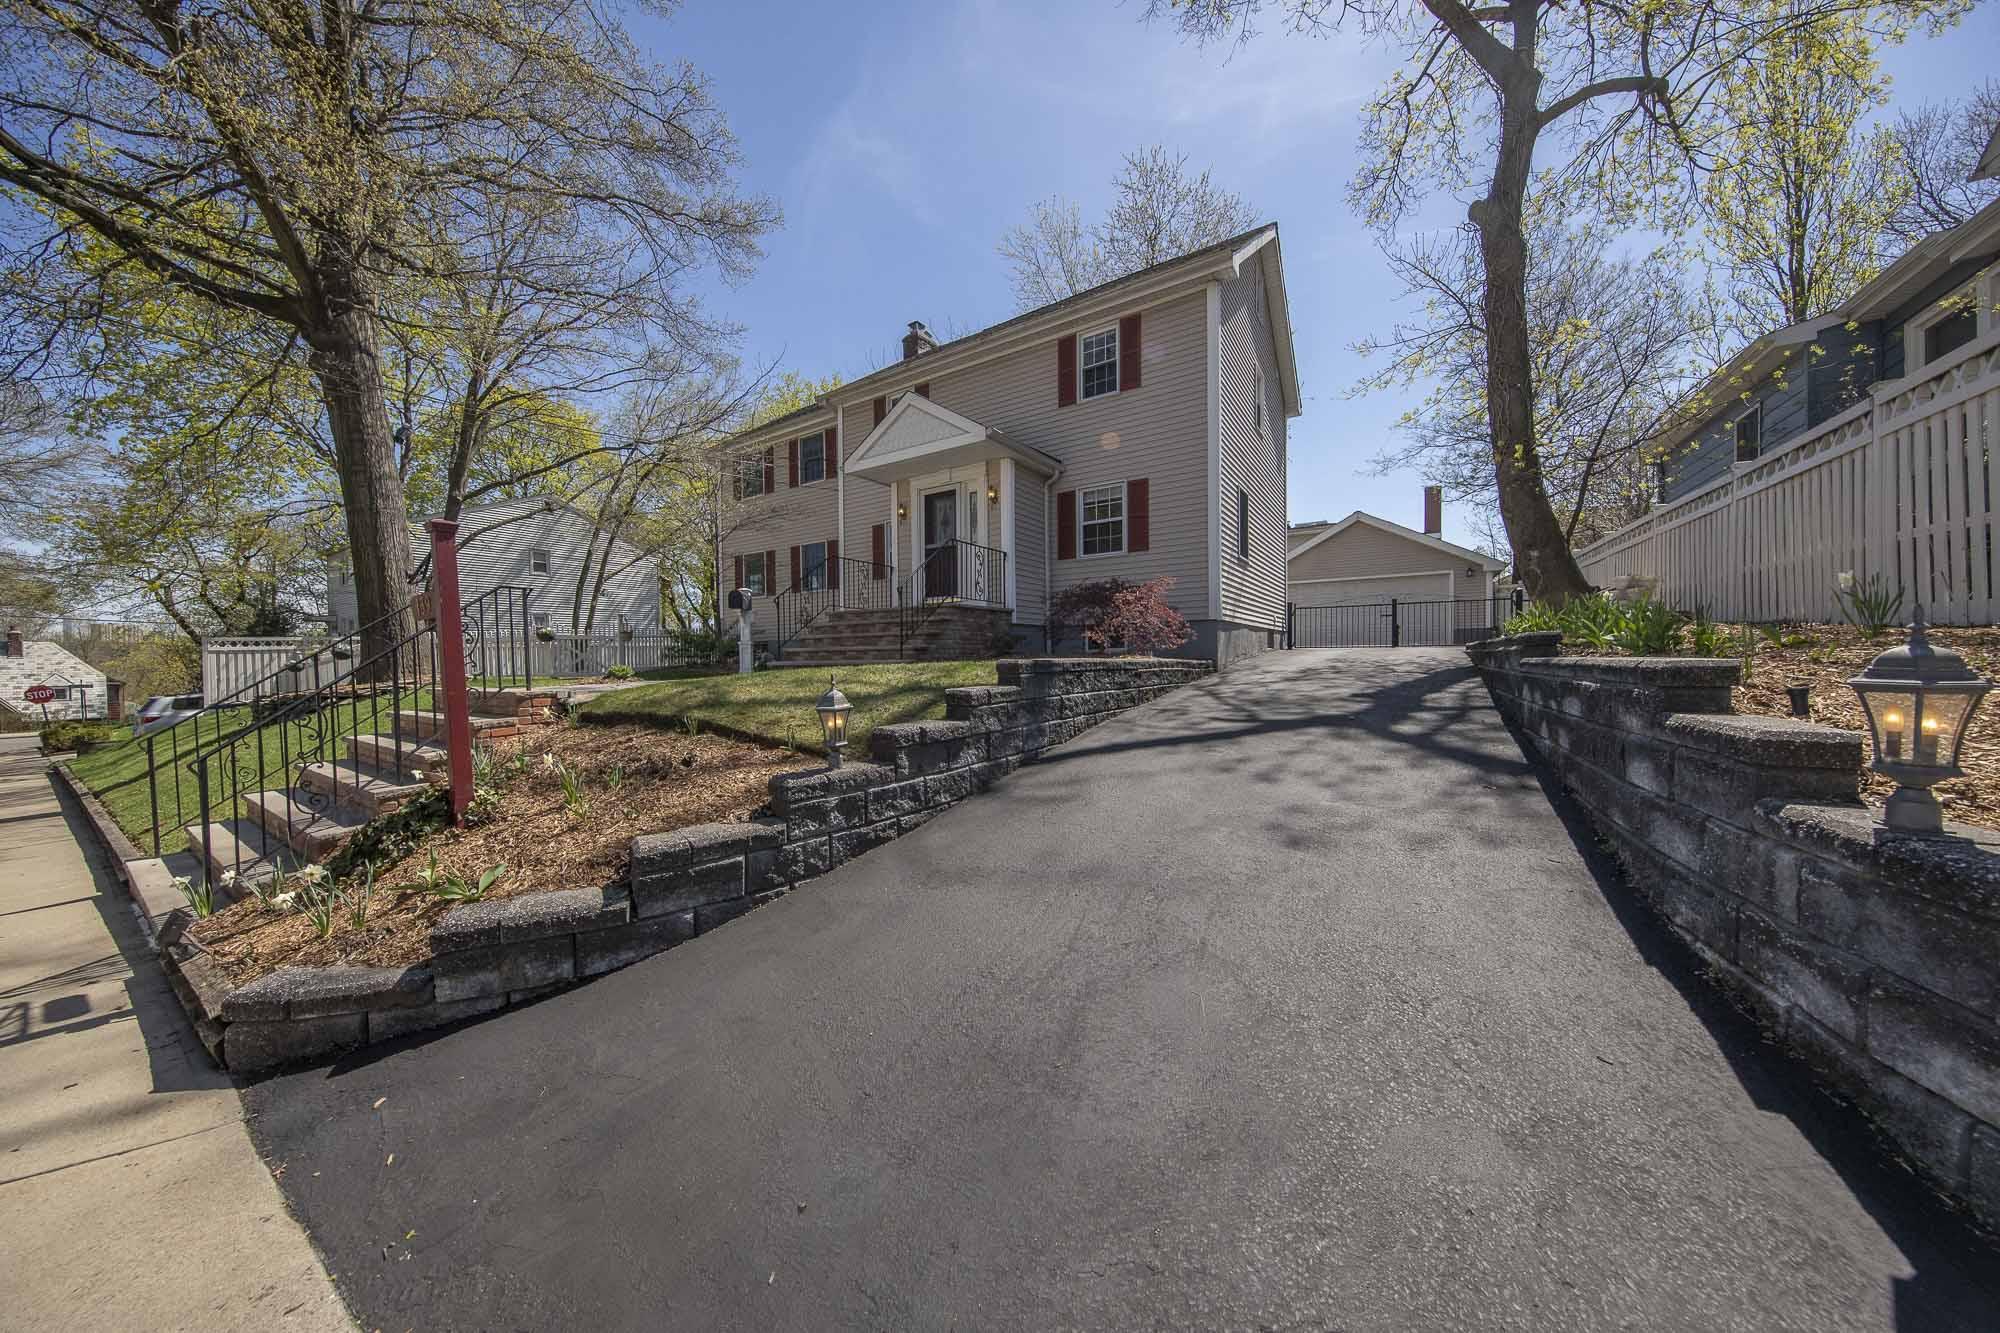 139 Gordon St., Ridgefield Park, NJ